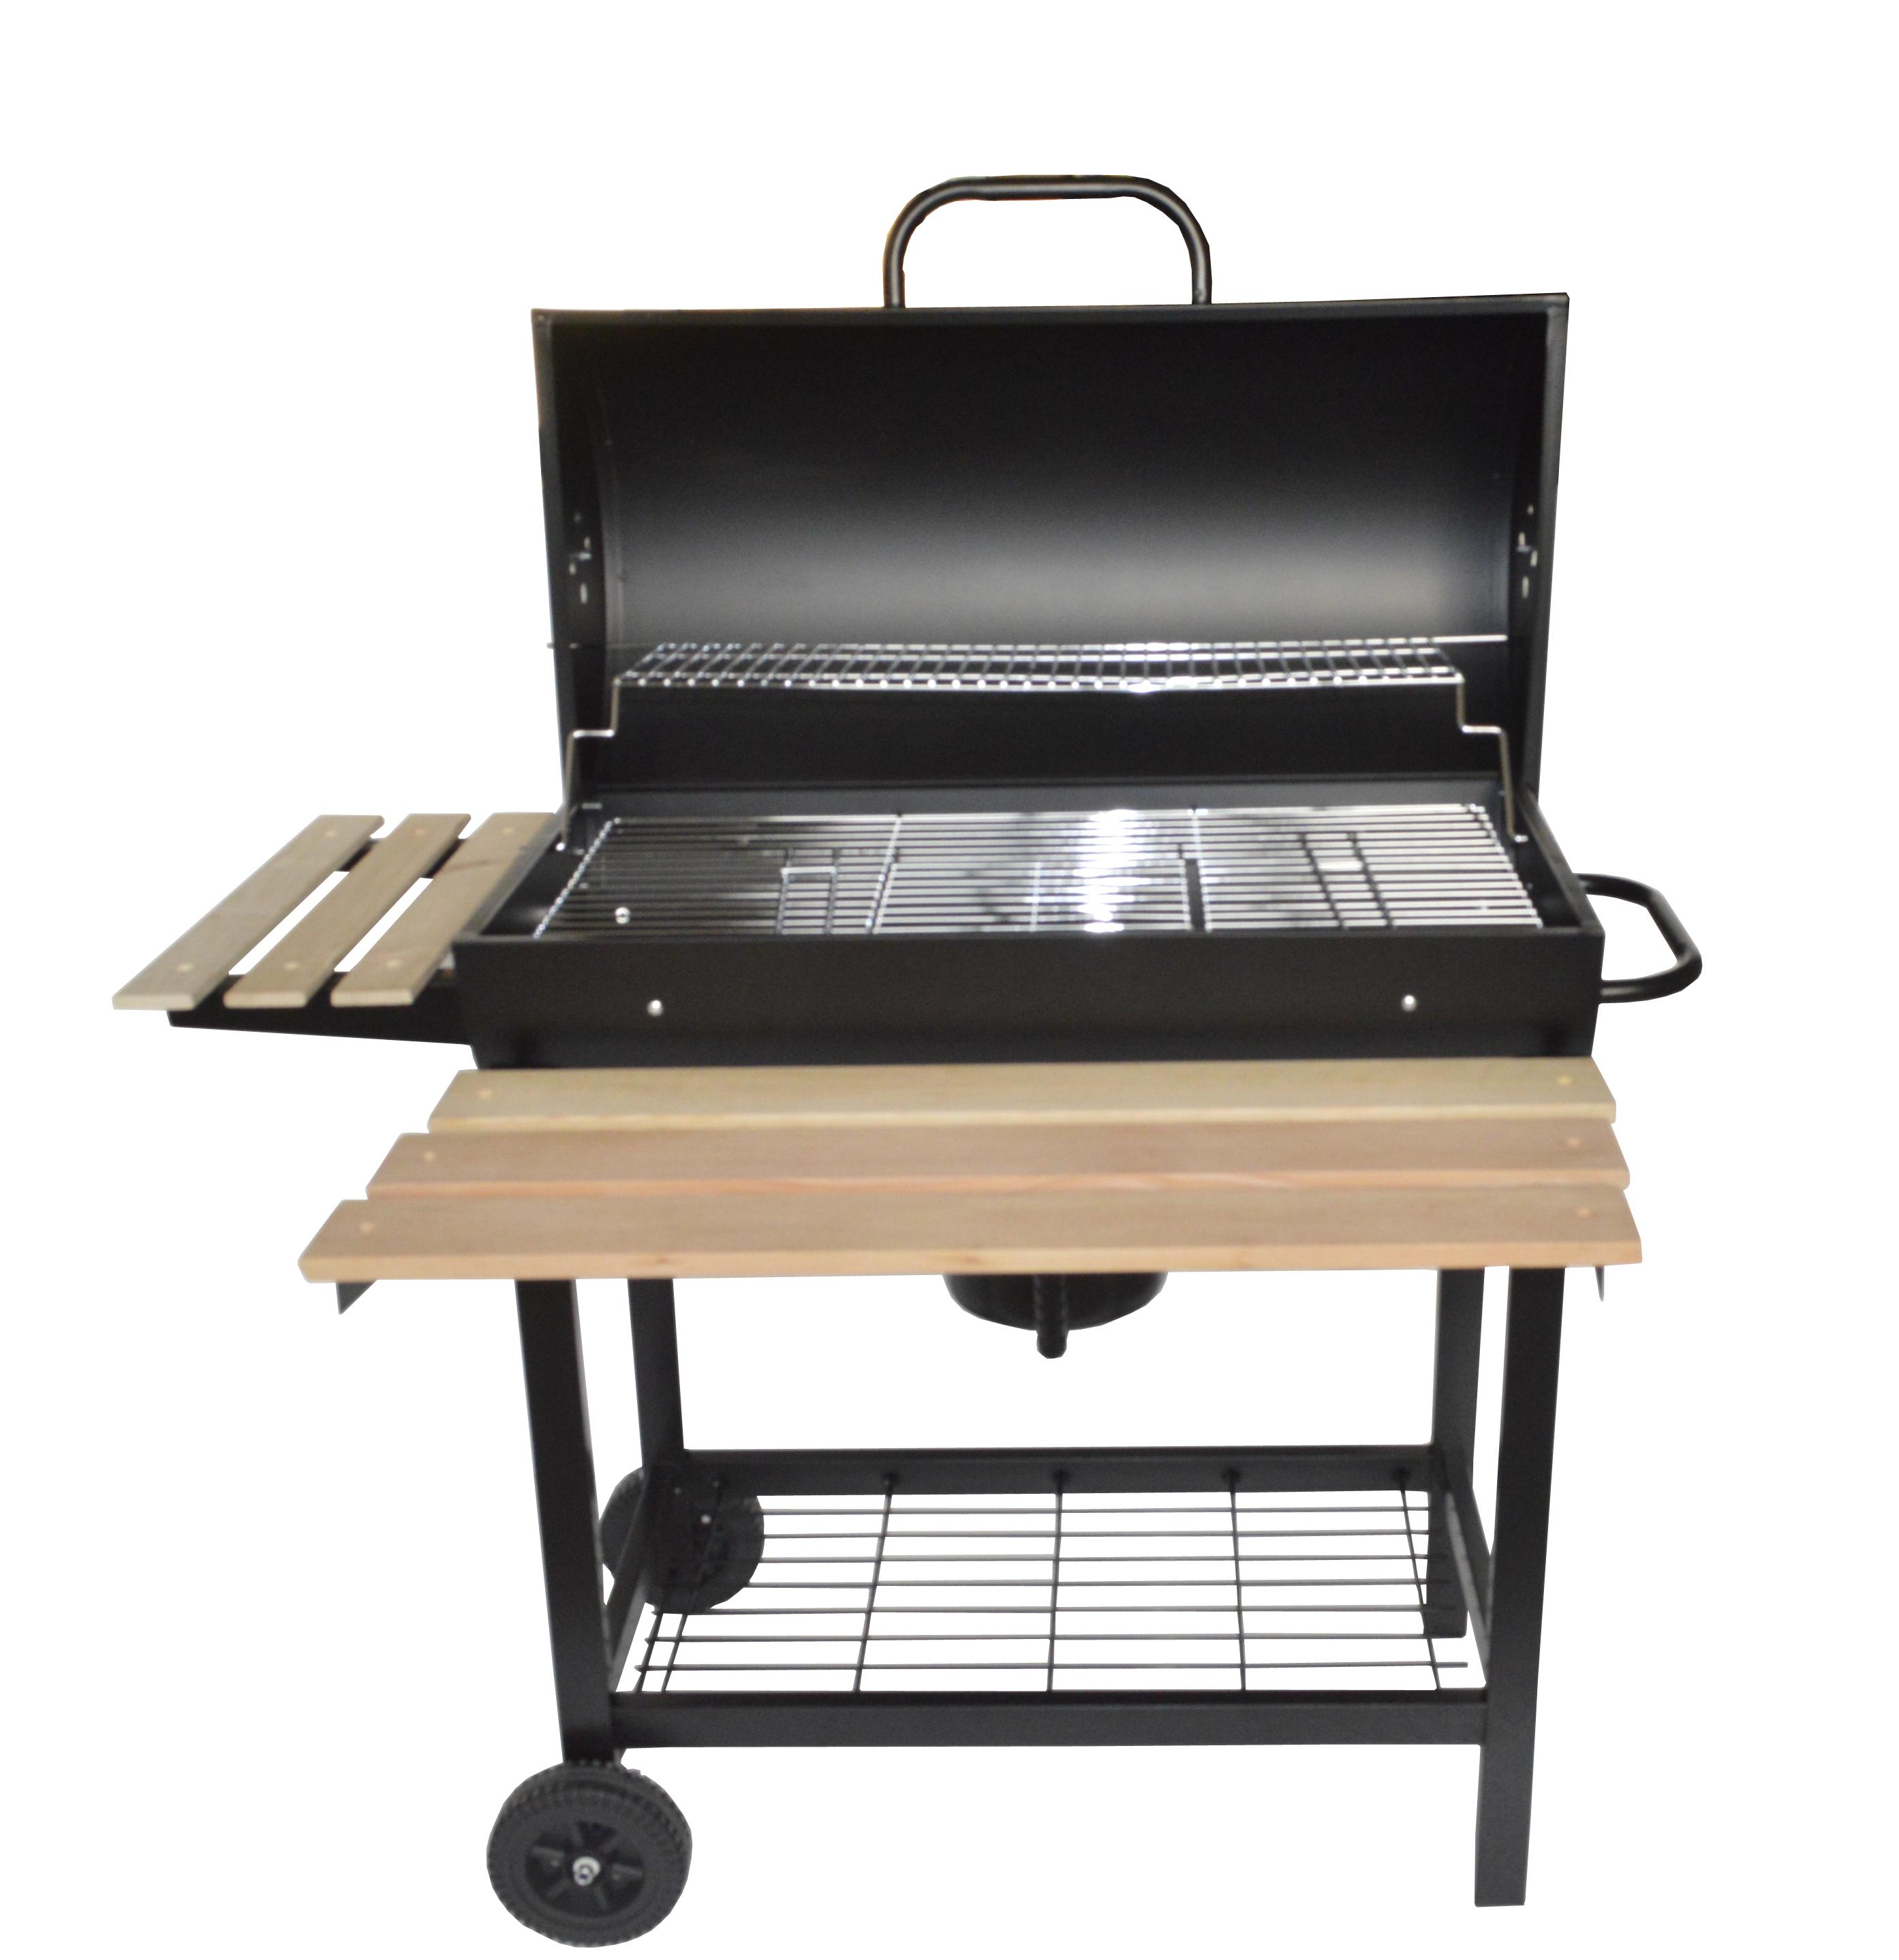 SAVANNAH: Barbecue moblie et élégant au bois ou au charbon